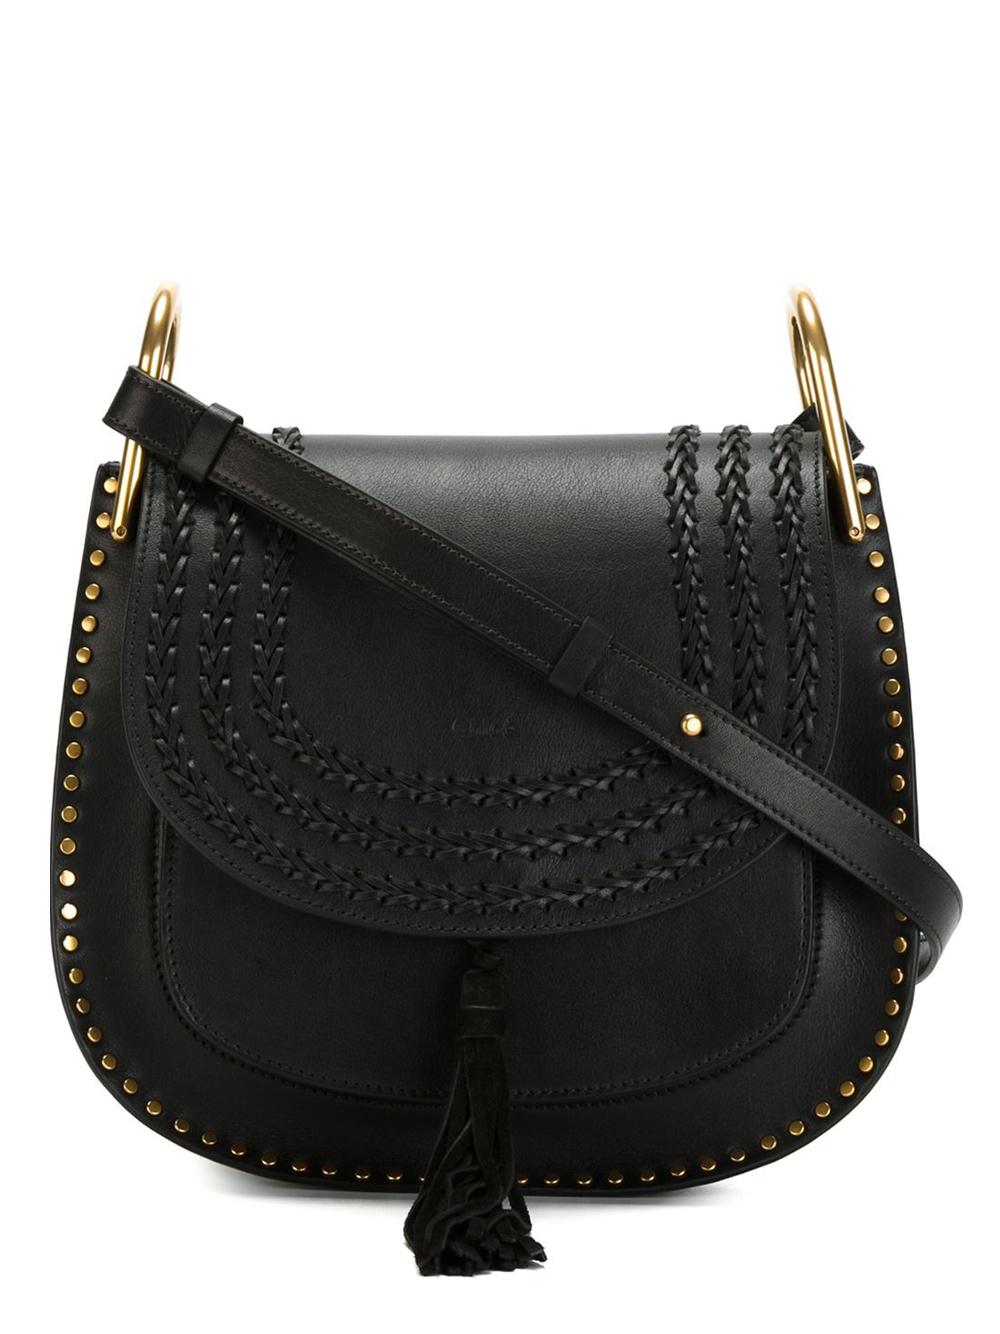 Chlo�� \u0026#39;hudson\u0026#39; Shoulder Bag in Black | Lyst